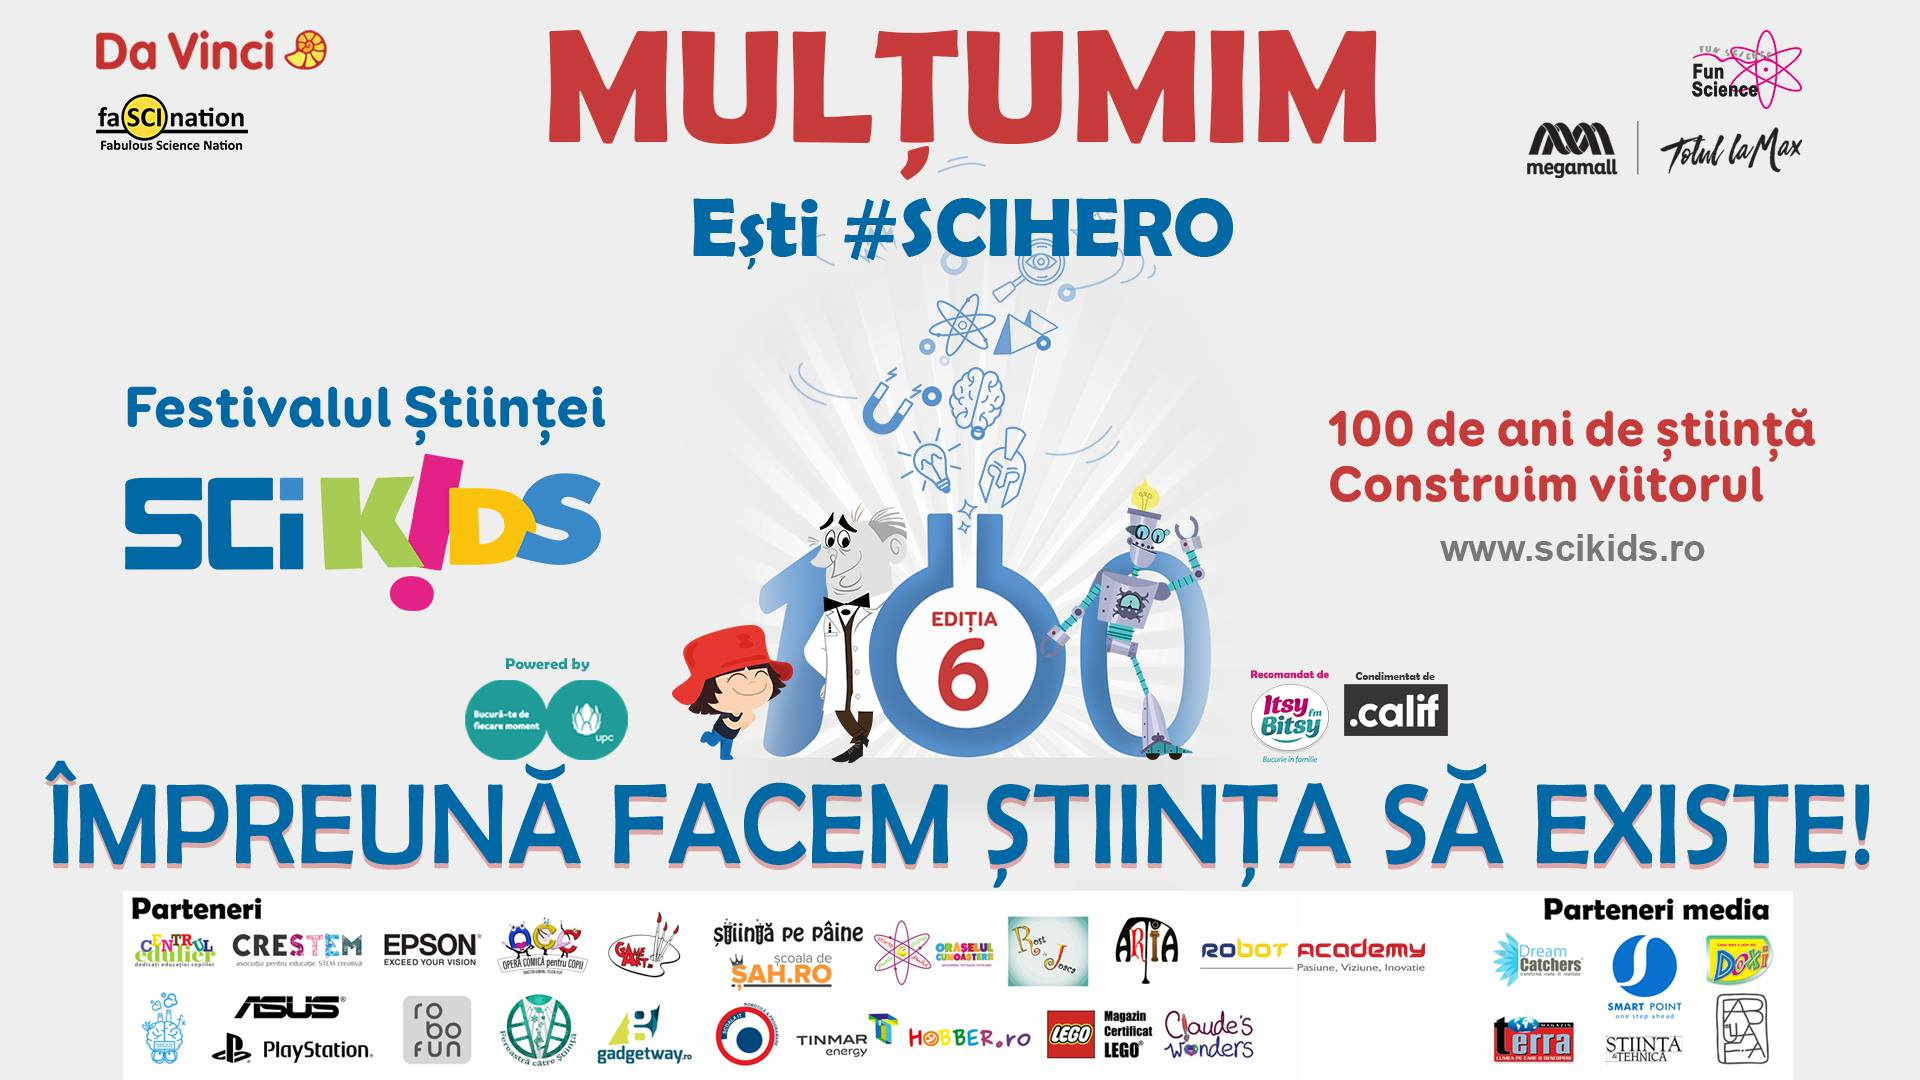 SciKids festivalul Stiintei editia VI